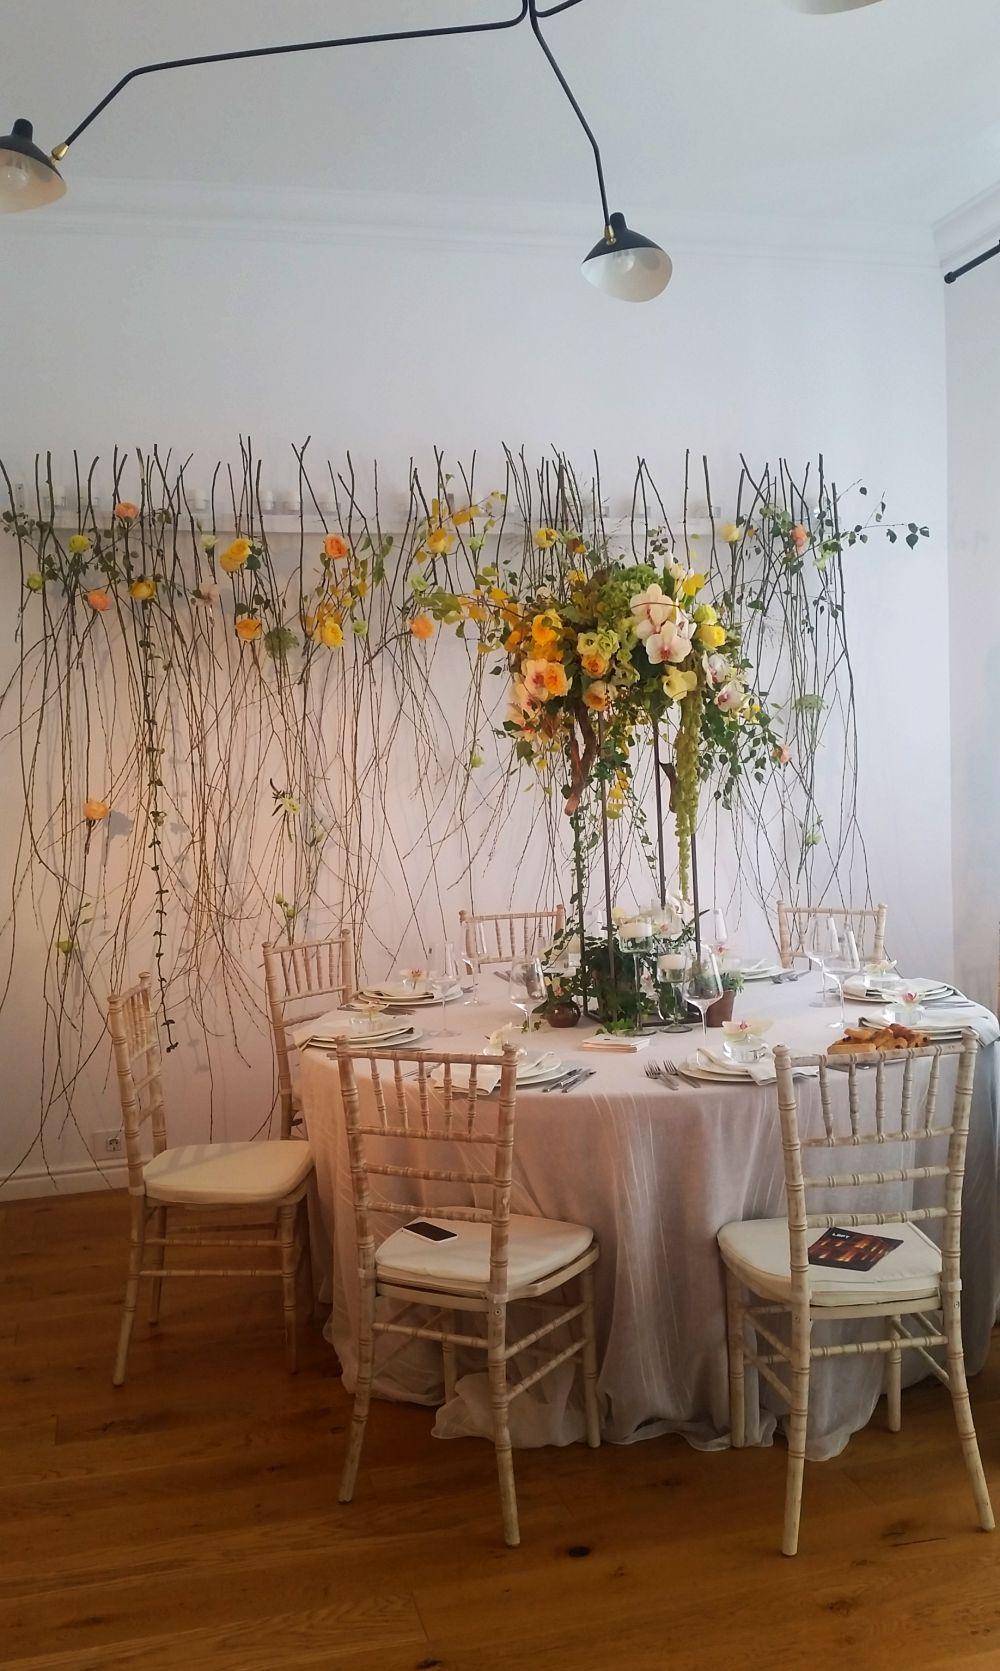 adelaparvu-com-despre-the-wedding-gallery-2016-floraria-iris-design-nicu-bocancea-47